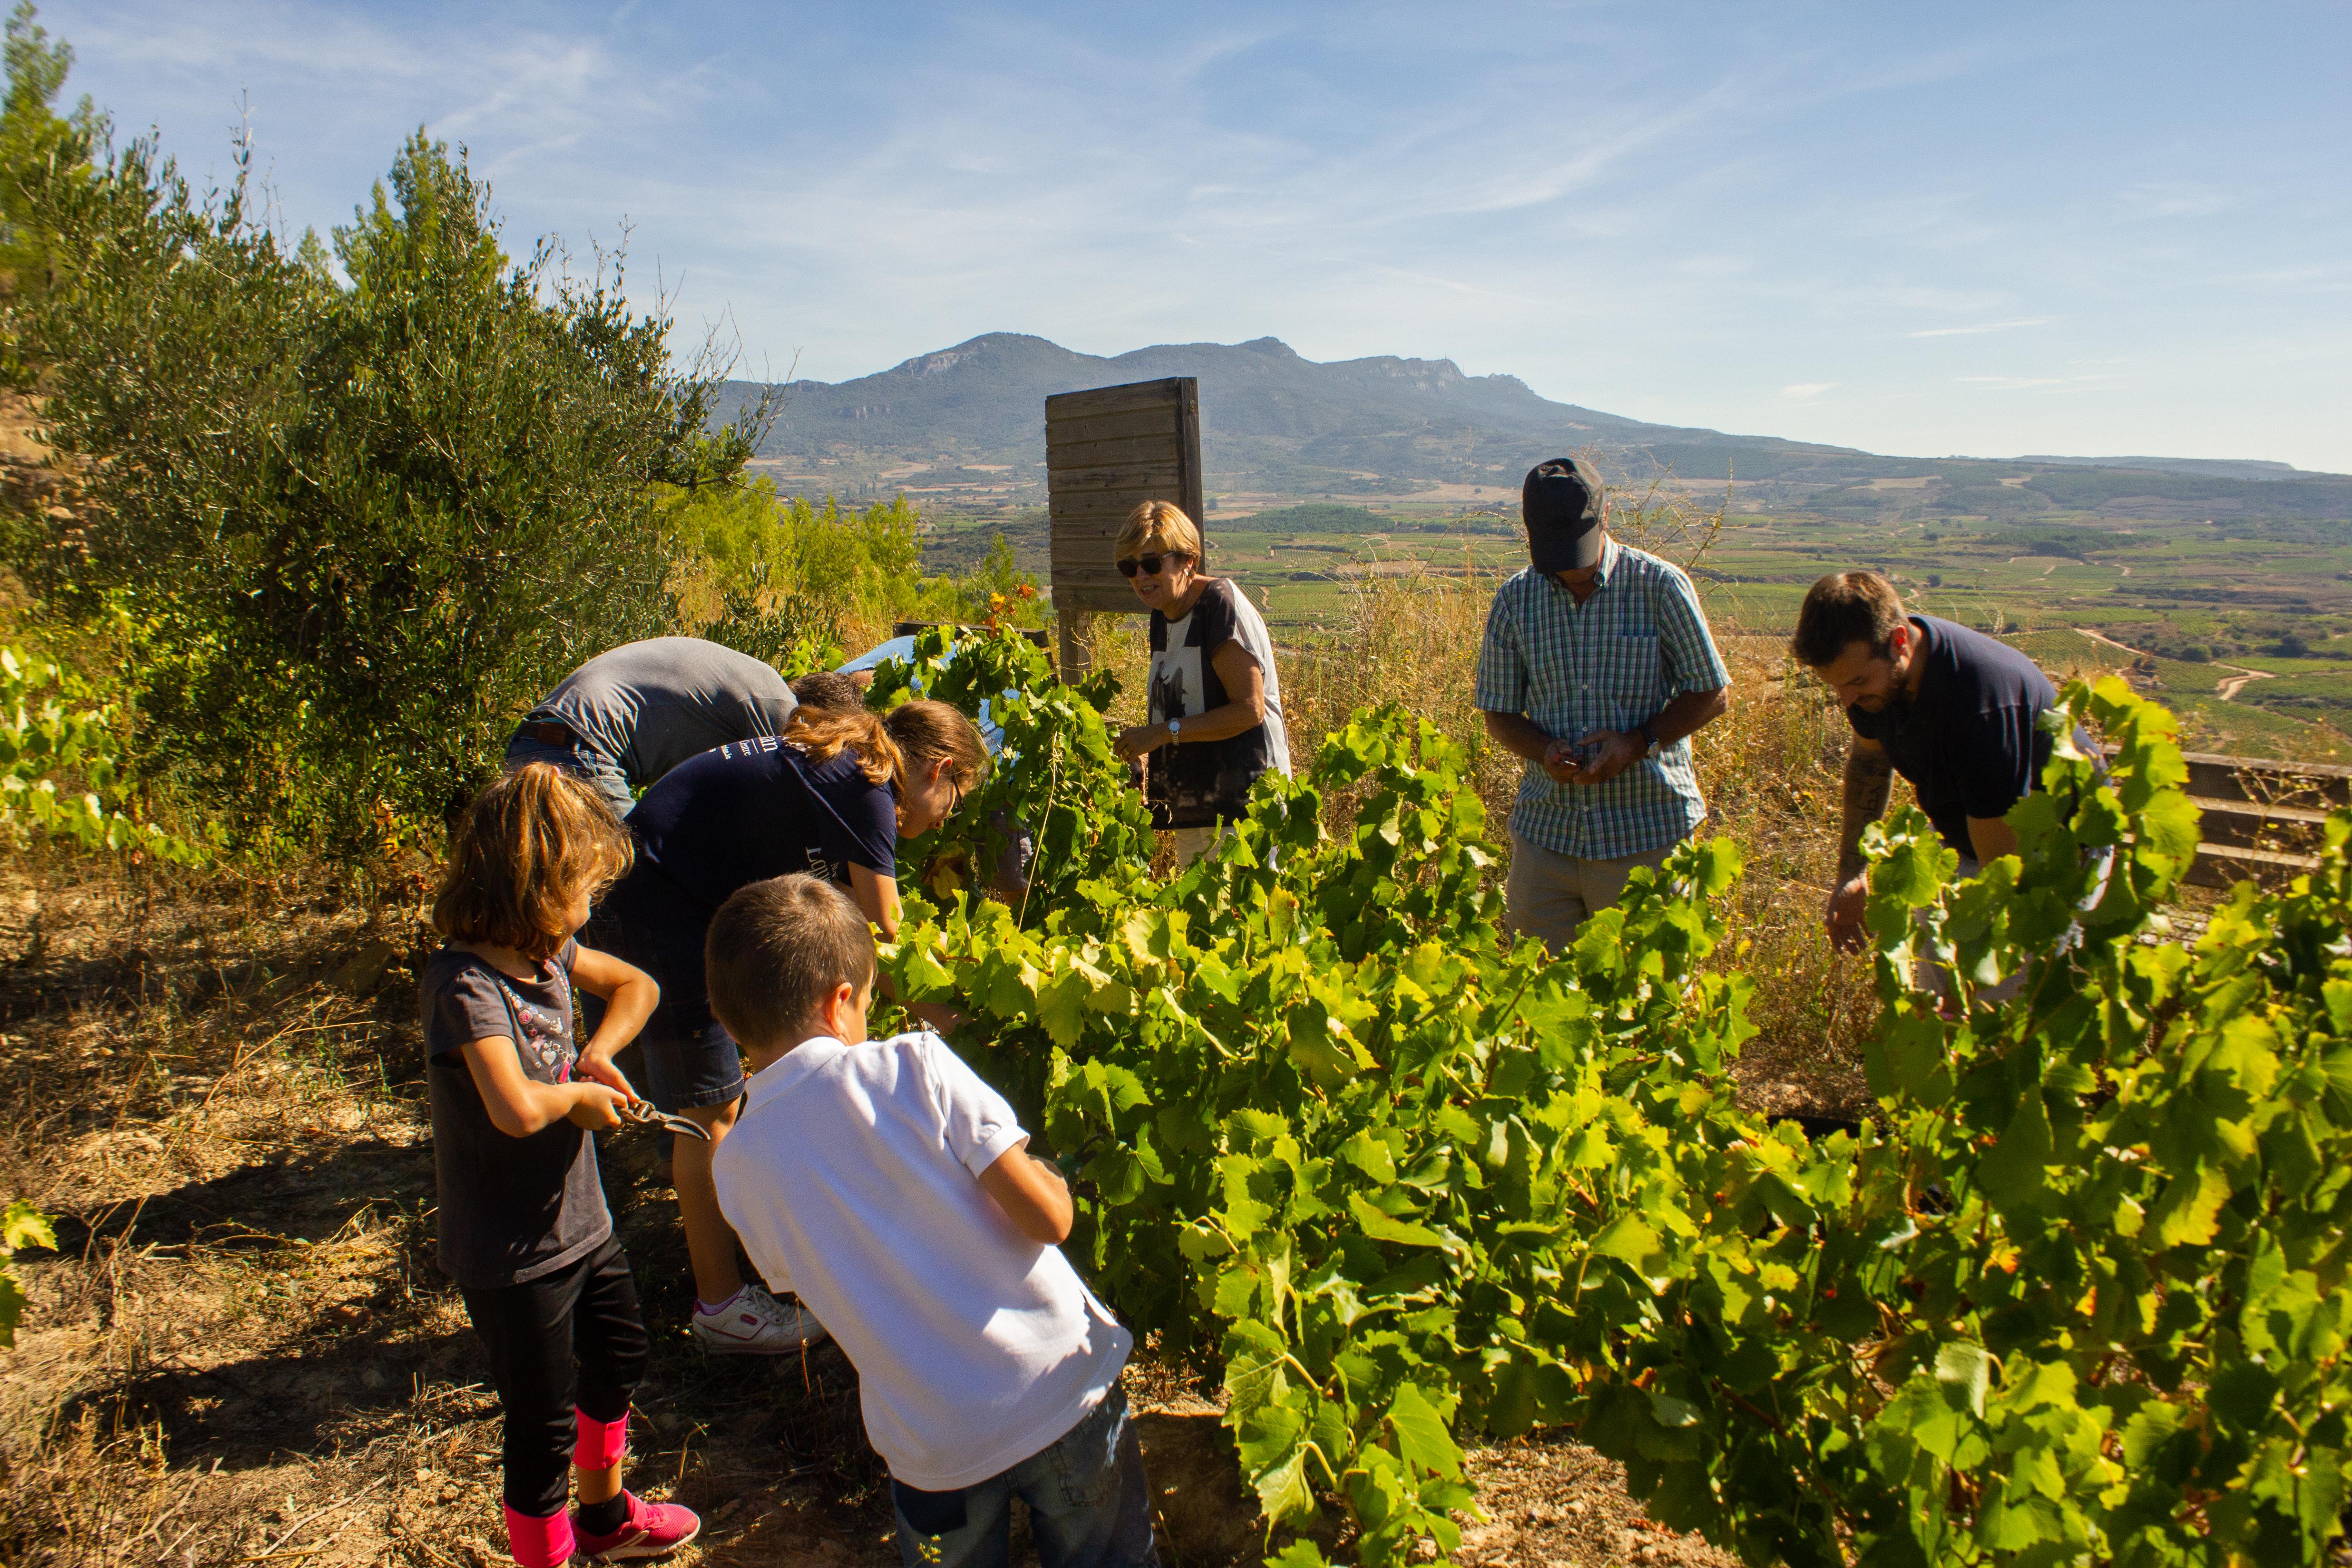 Un grupo de gente de todas las edades recogiendo las uvas del viñedo en un día soleado